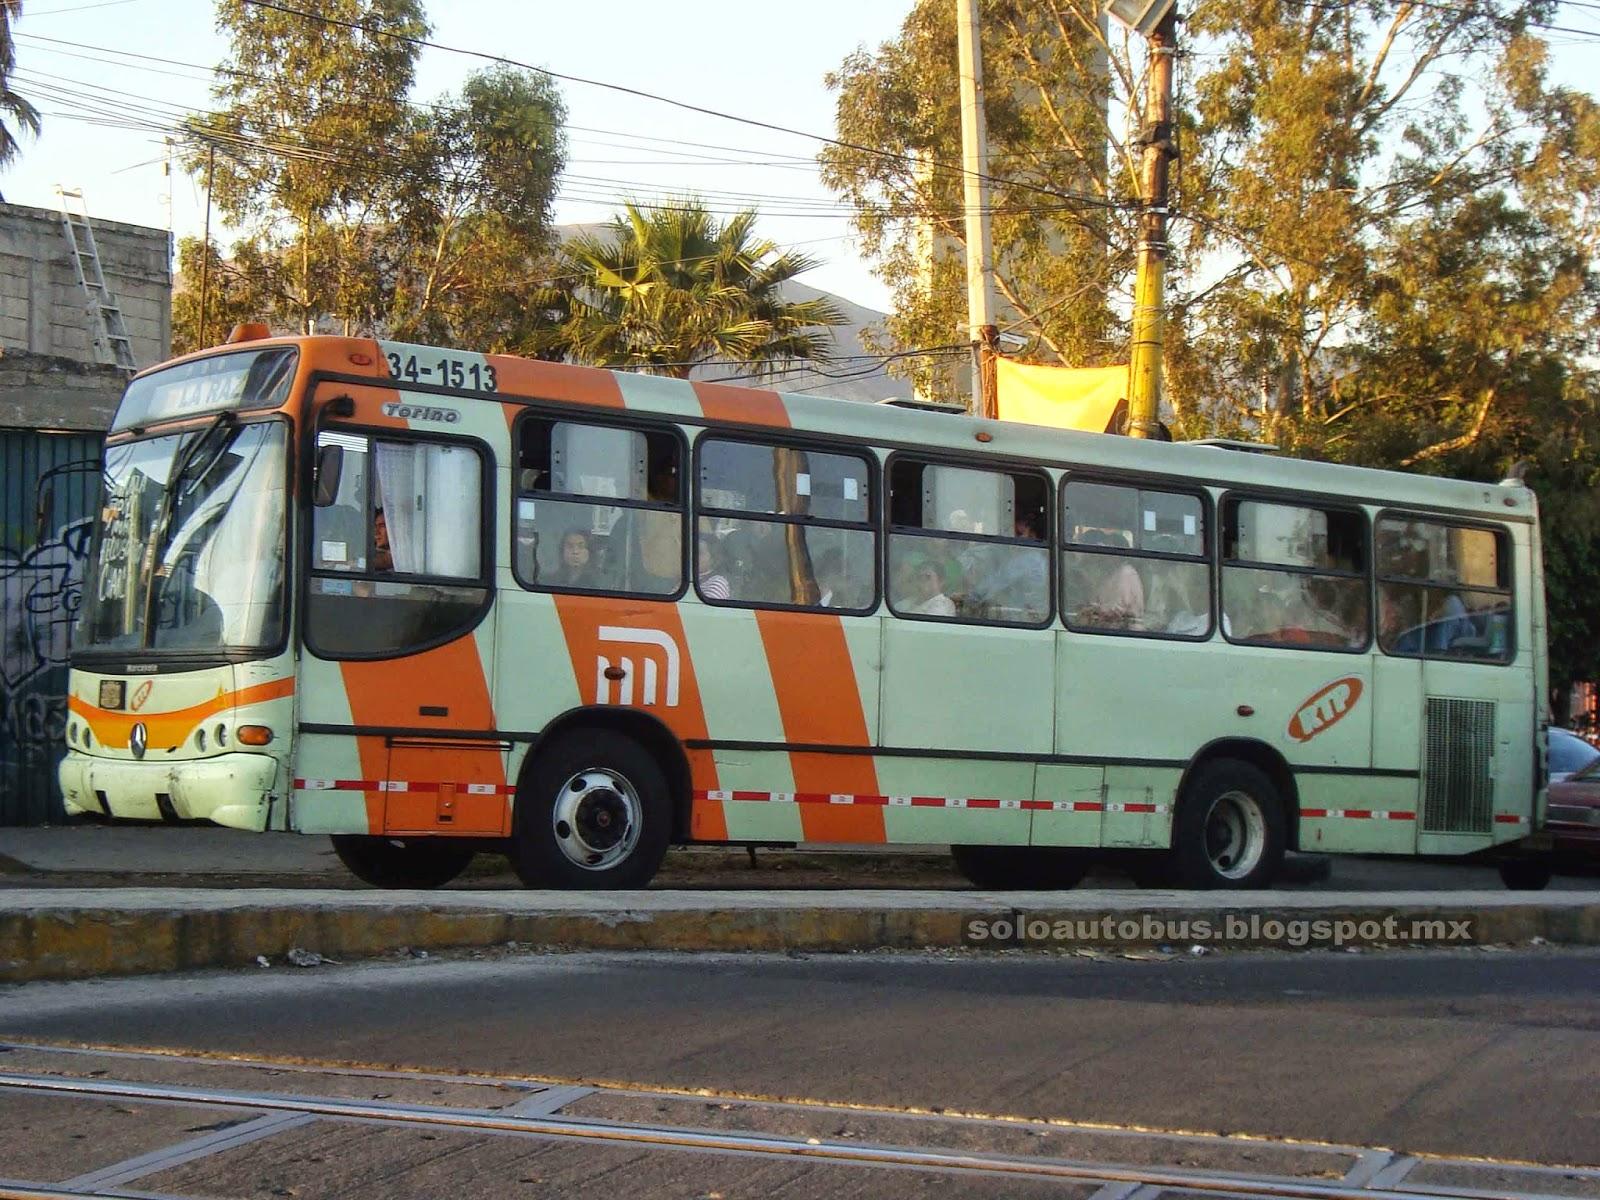 Soloautobus: Marcopolo Torino 2006